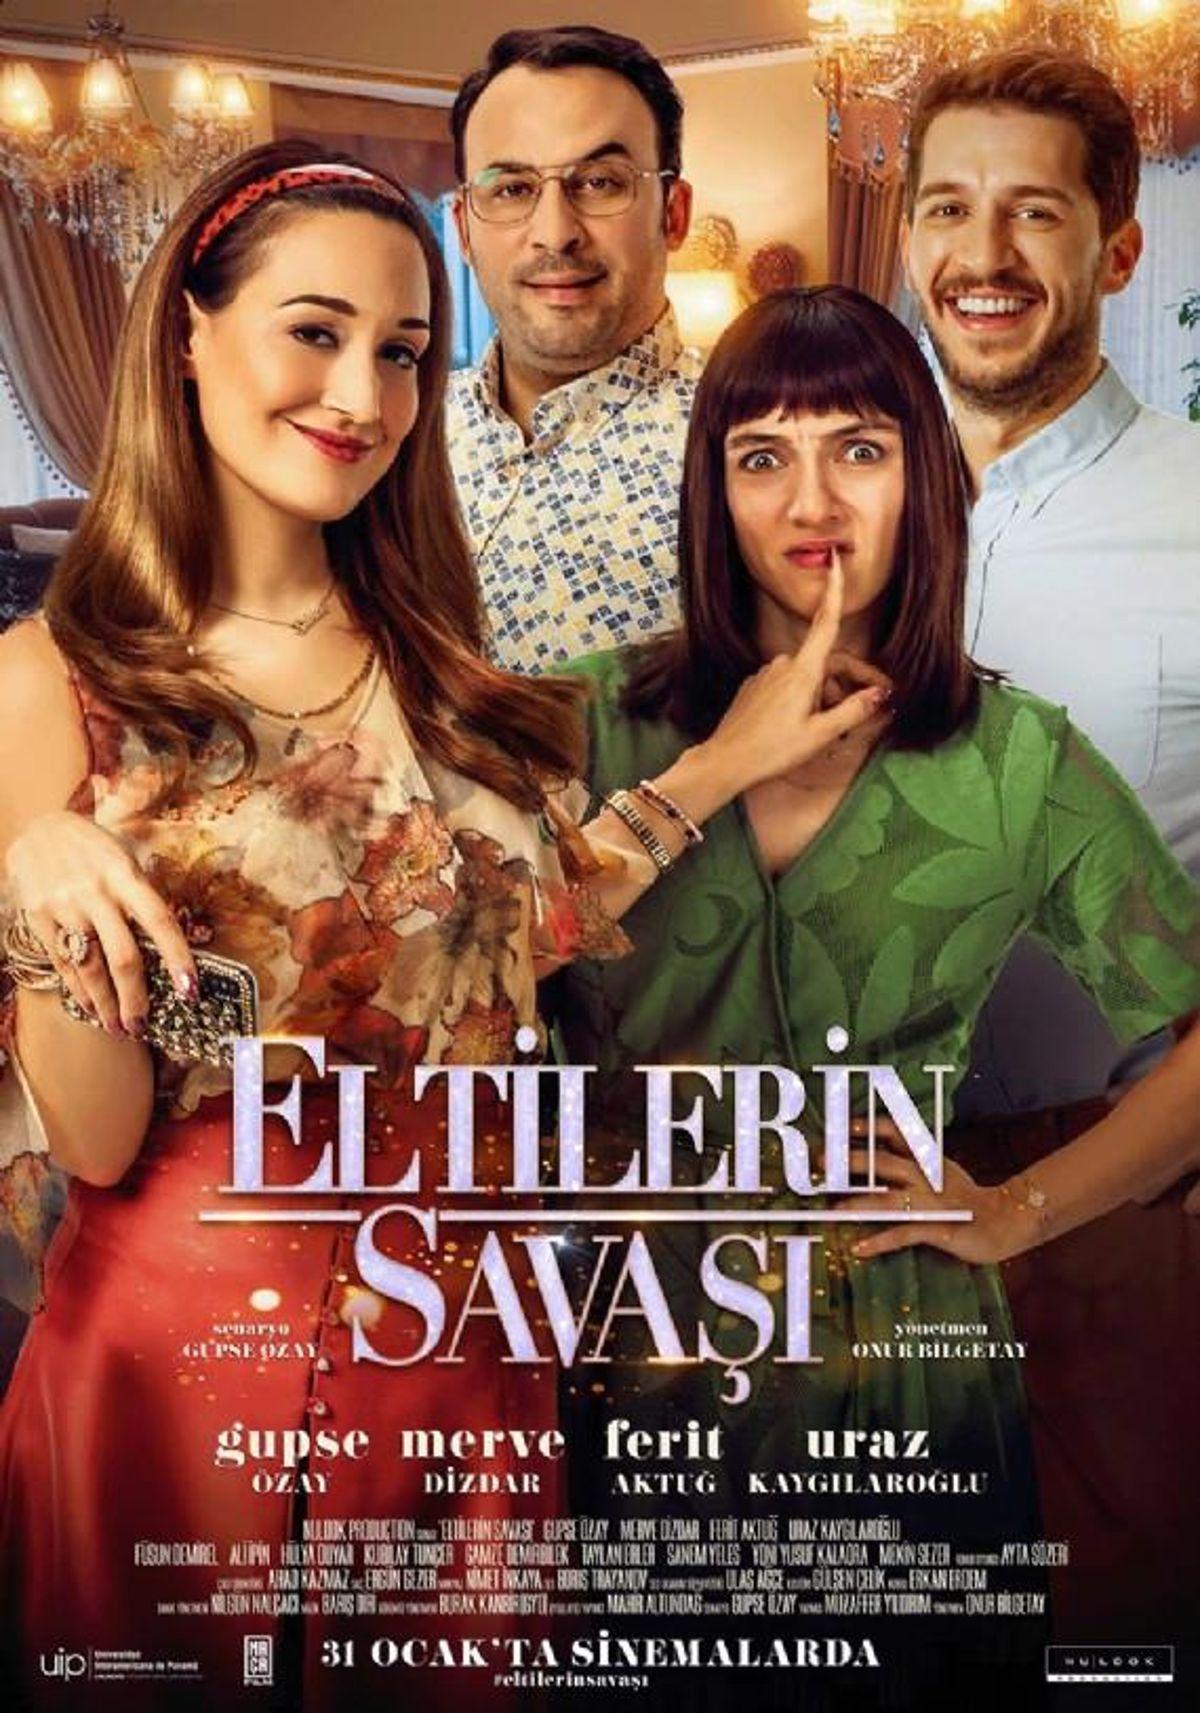 Eltilerin Savaşı filmi oyuncuları kimler? Eltilerin Savaşı konusu nedir? Eltilerin Savaşı nerede çekildi?